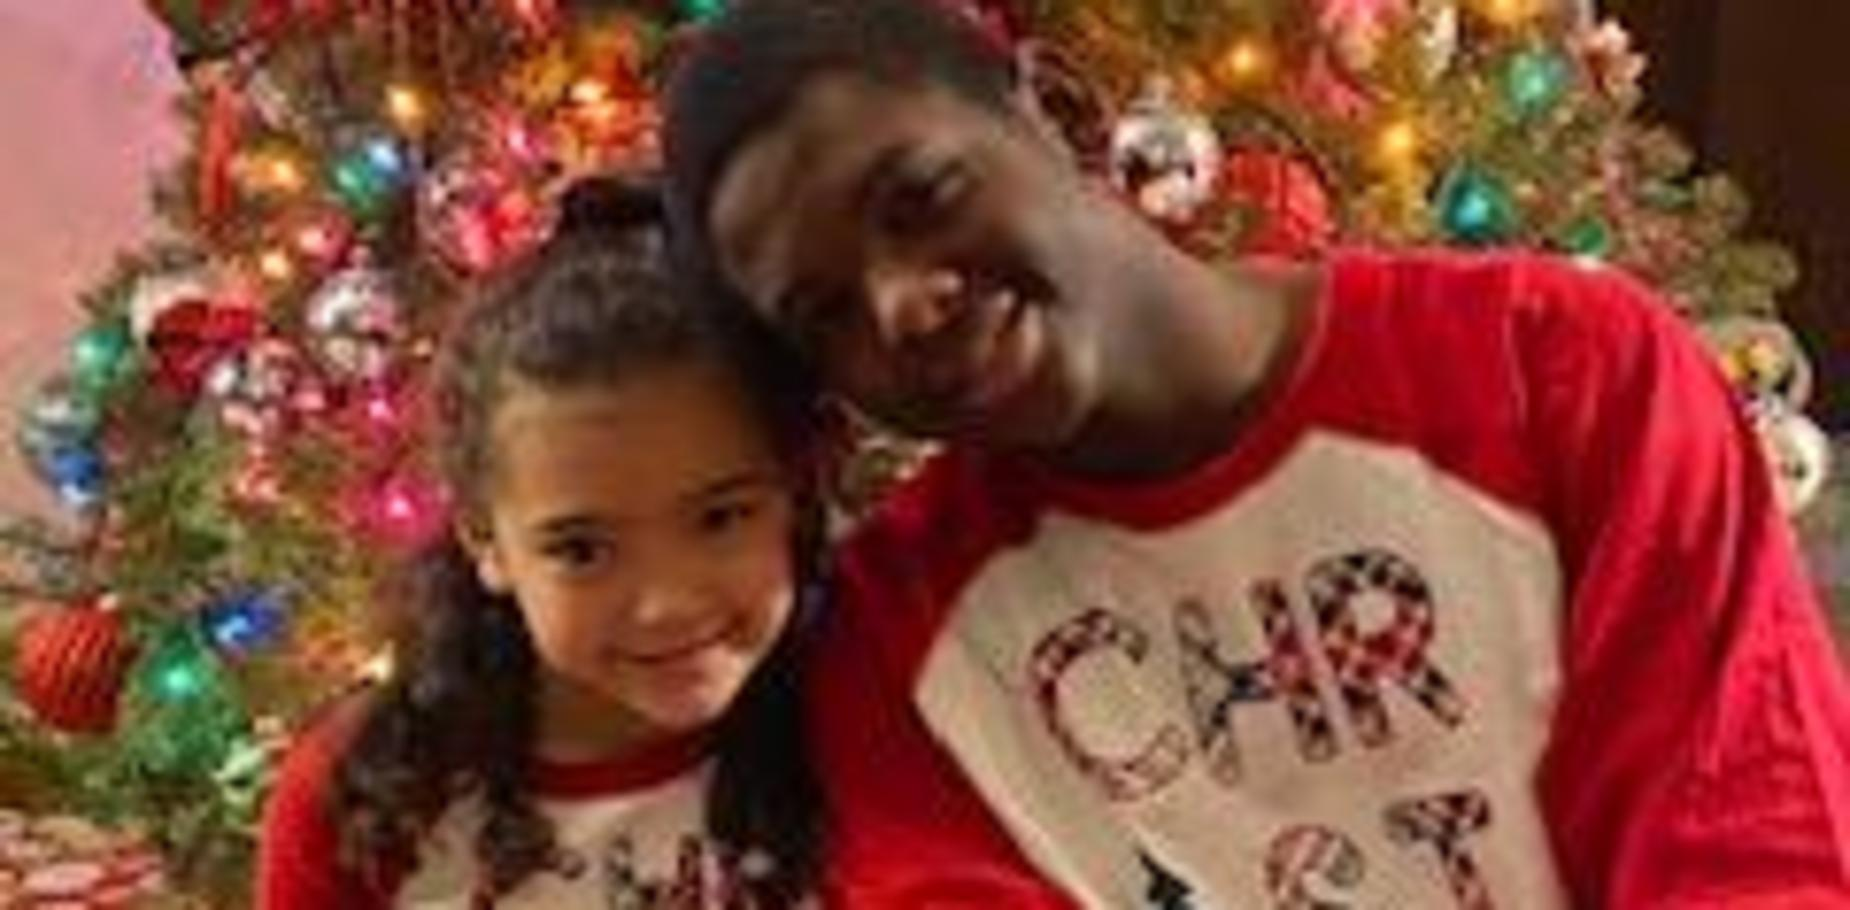 pic of kids in Christmas pajamas